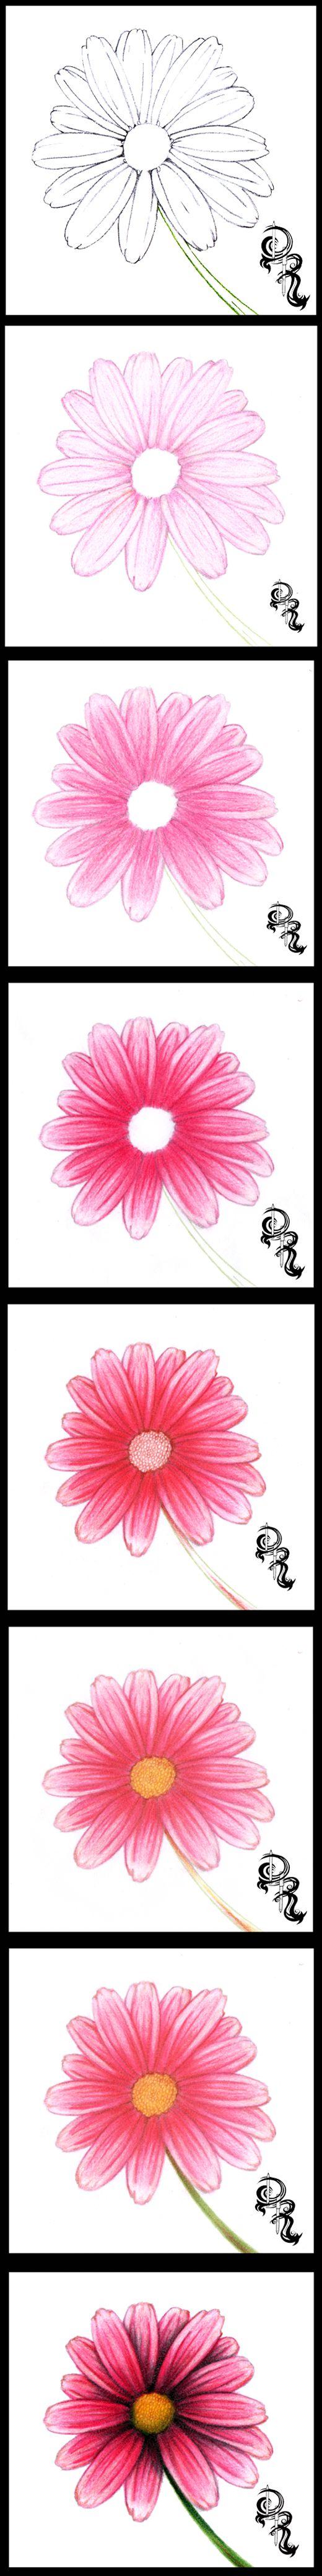 best 25 colouring pencils ideas on pinterest color pencil